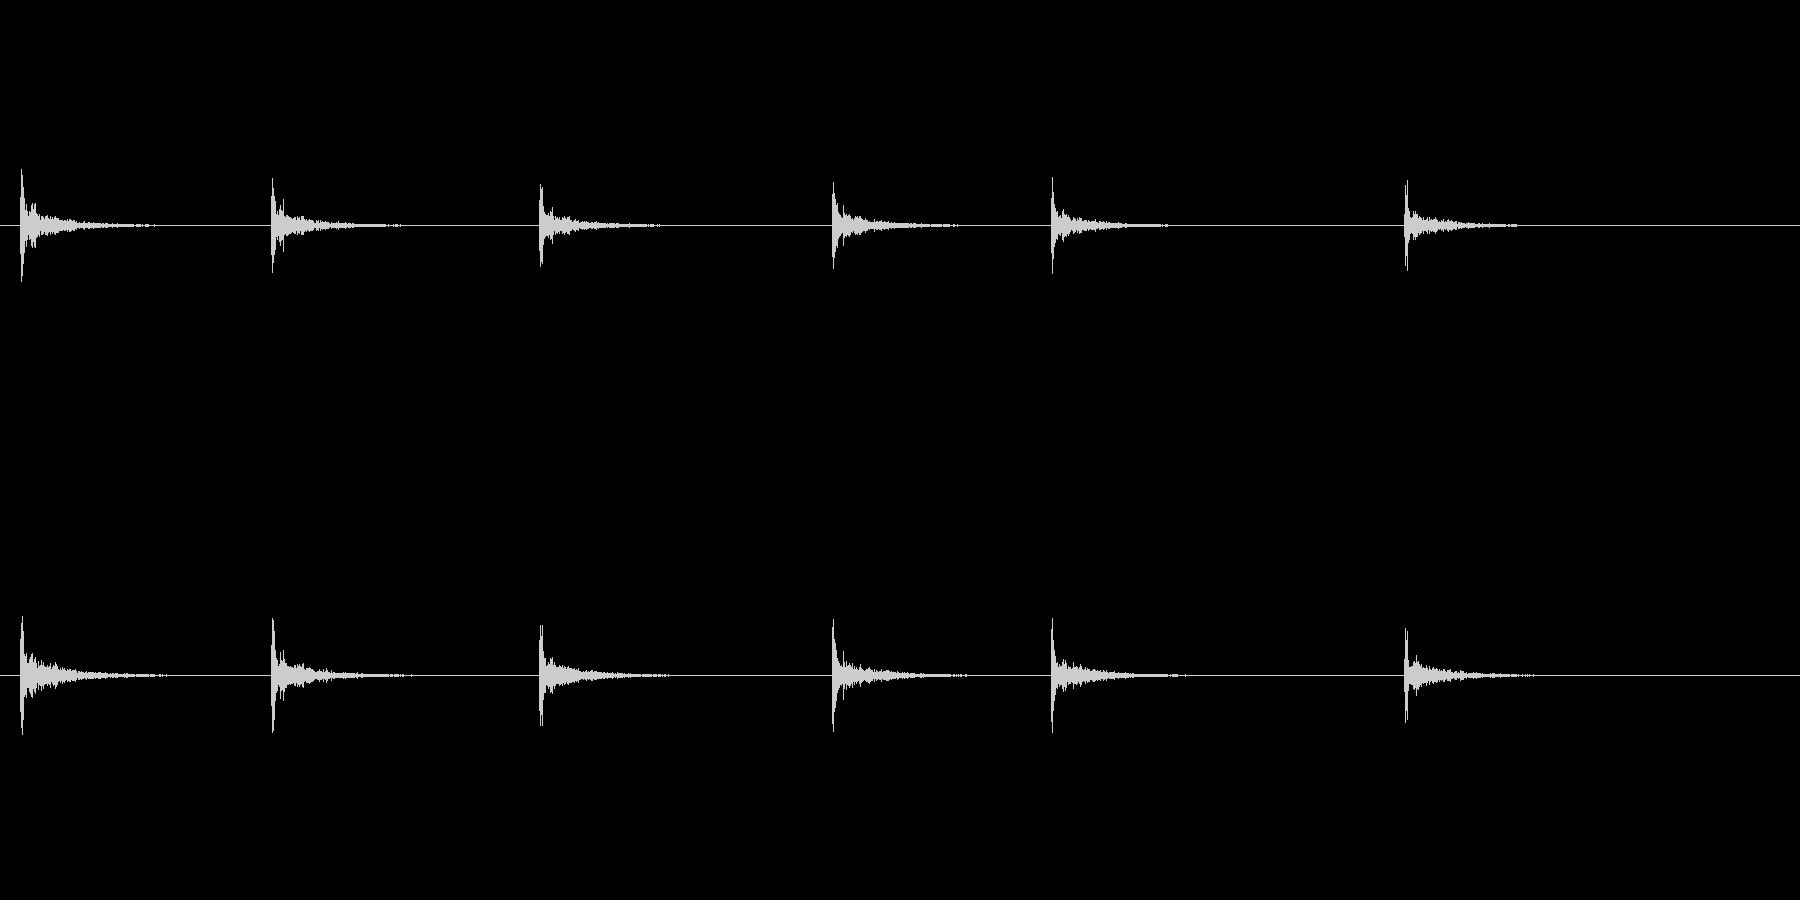 カッターナイフを出す音の未再生の波形